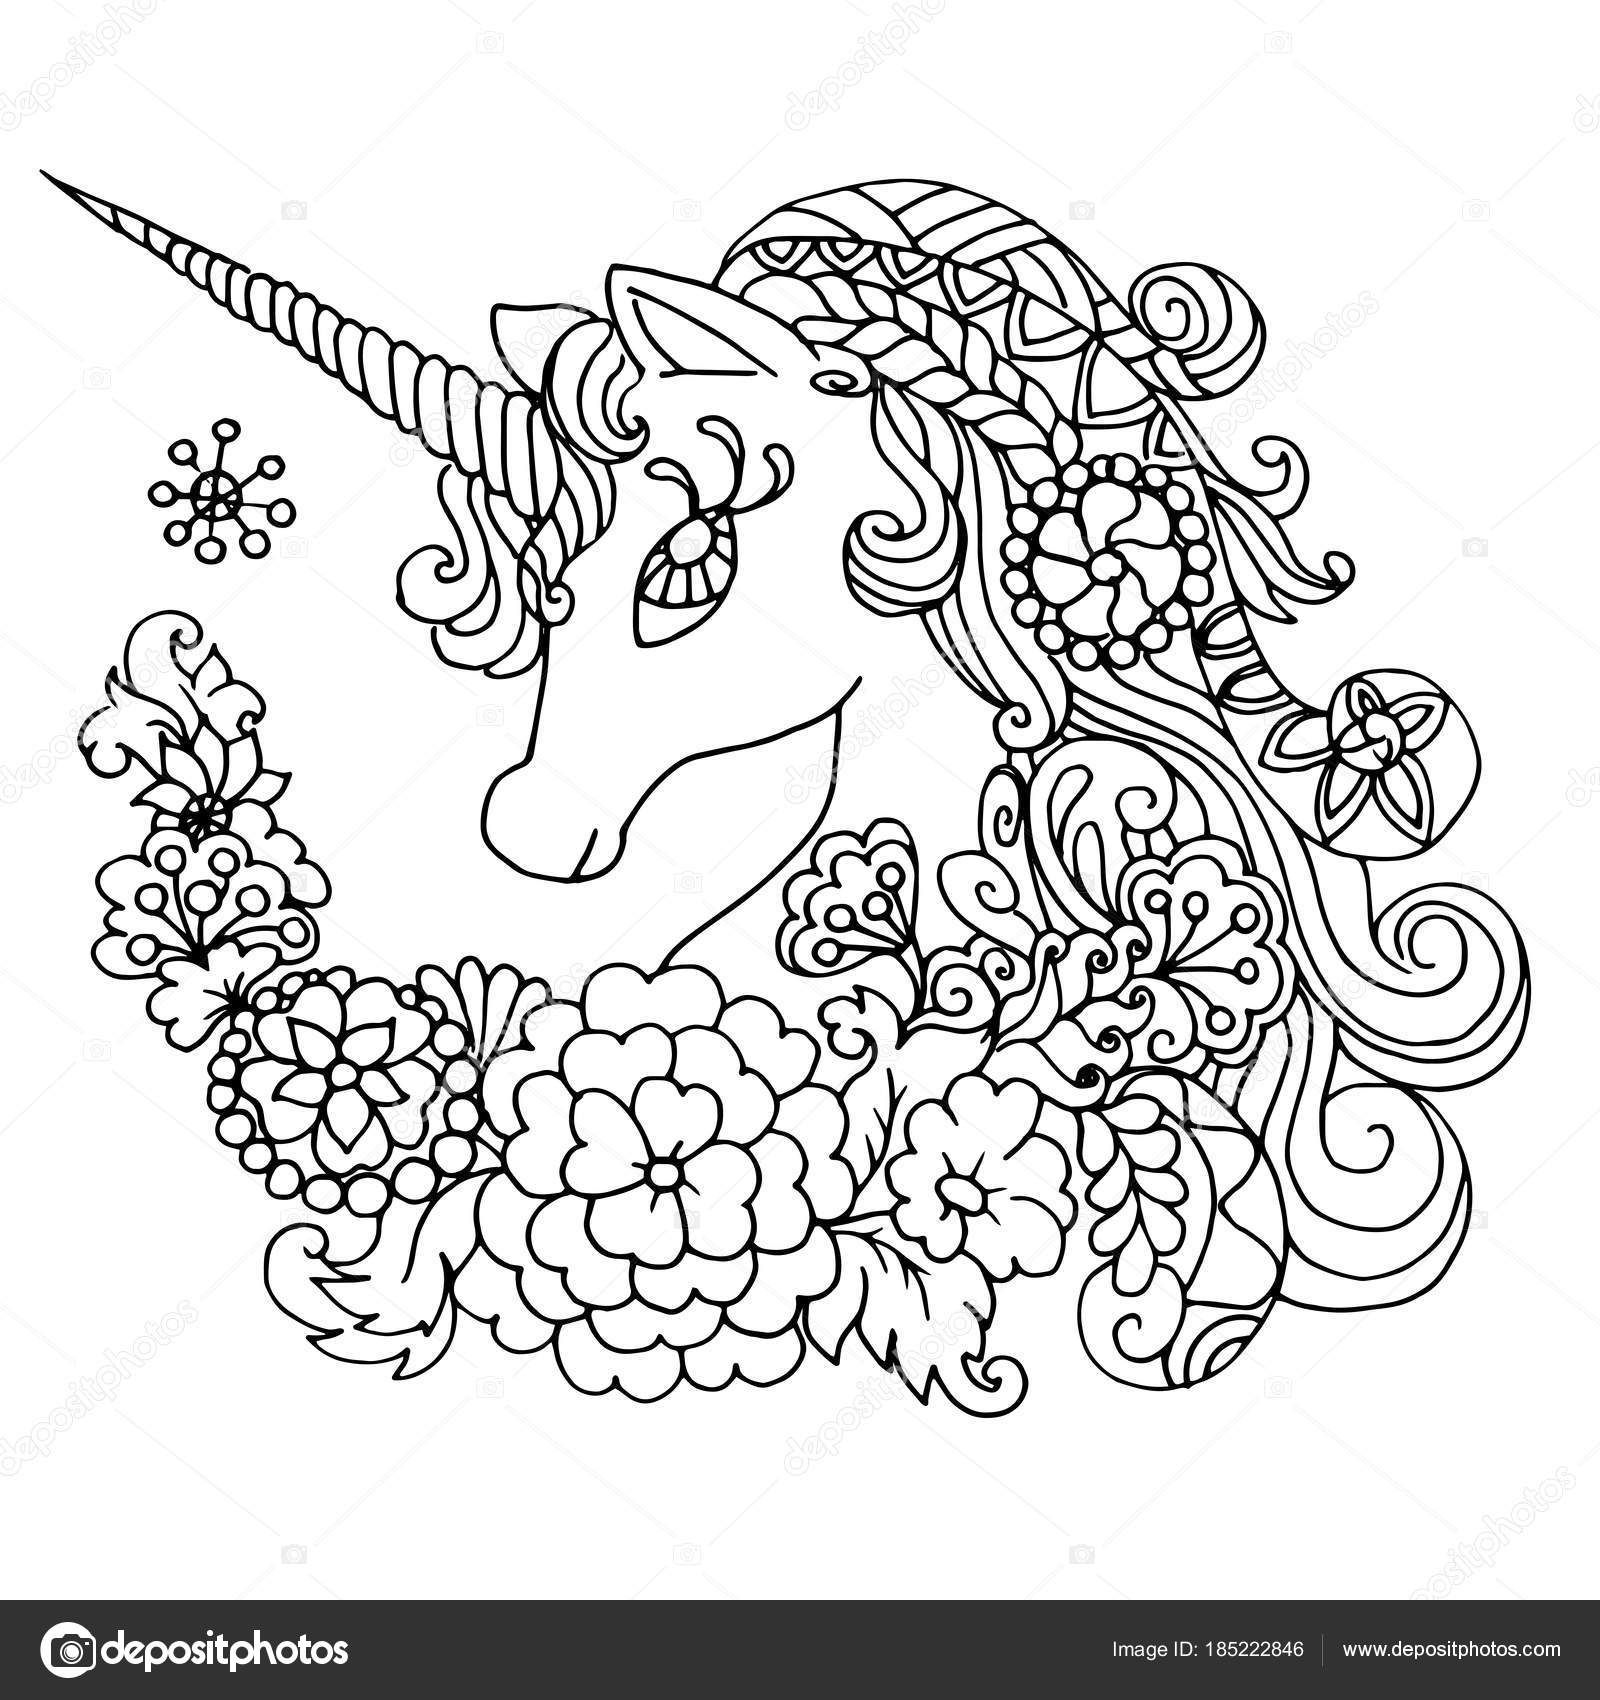 раскраска антистресс - Поиск в Google | Рисунки для ...